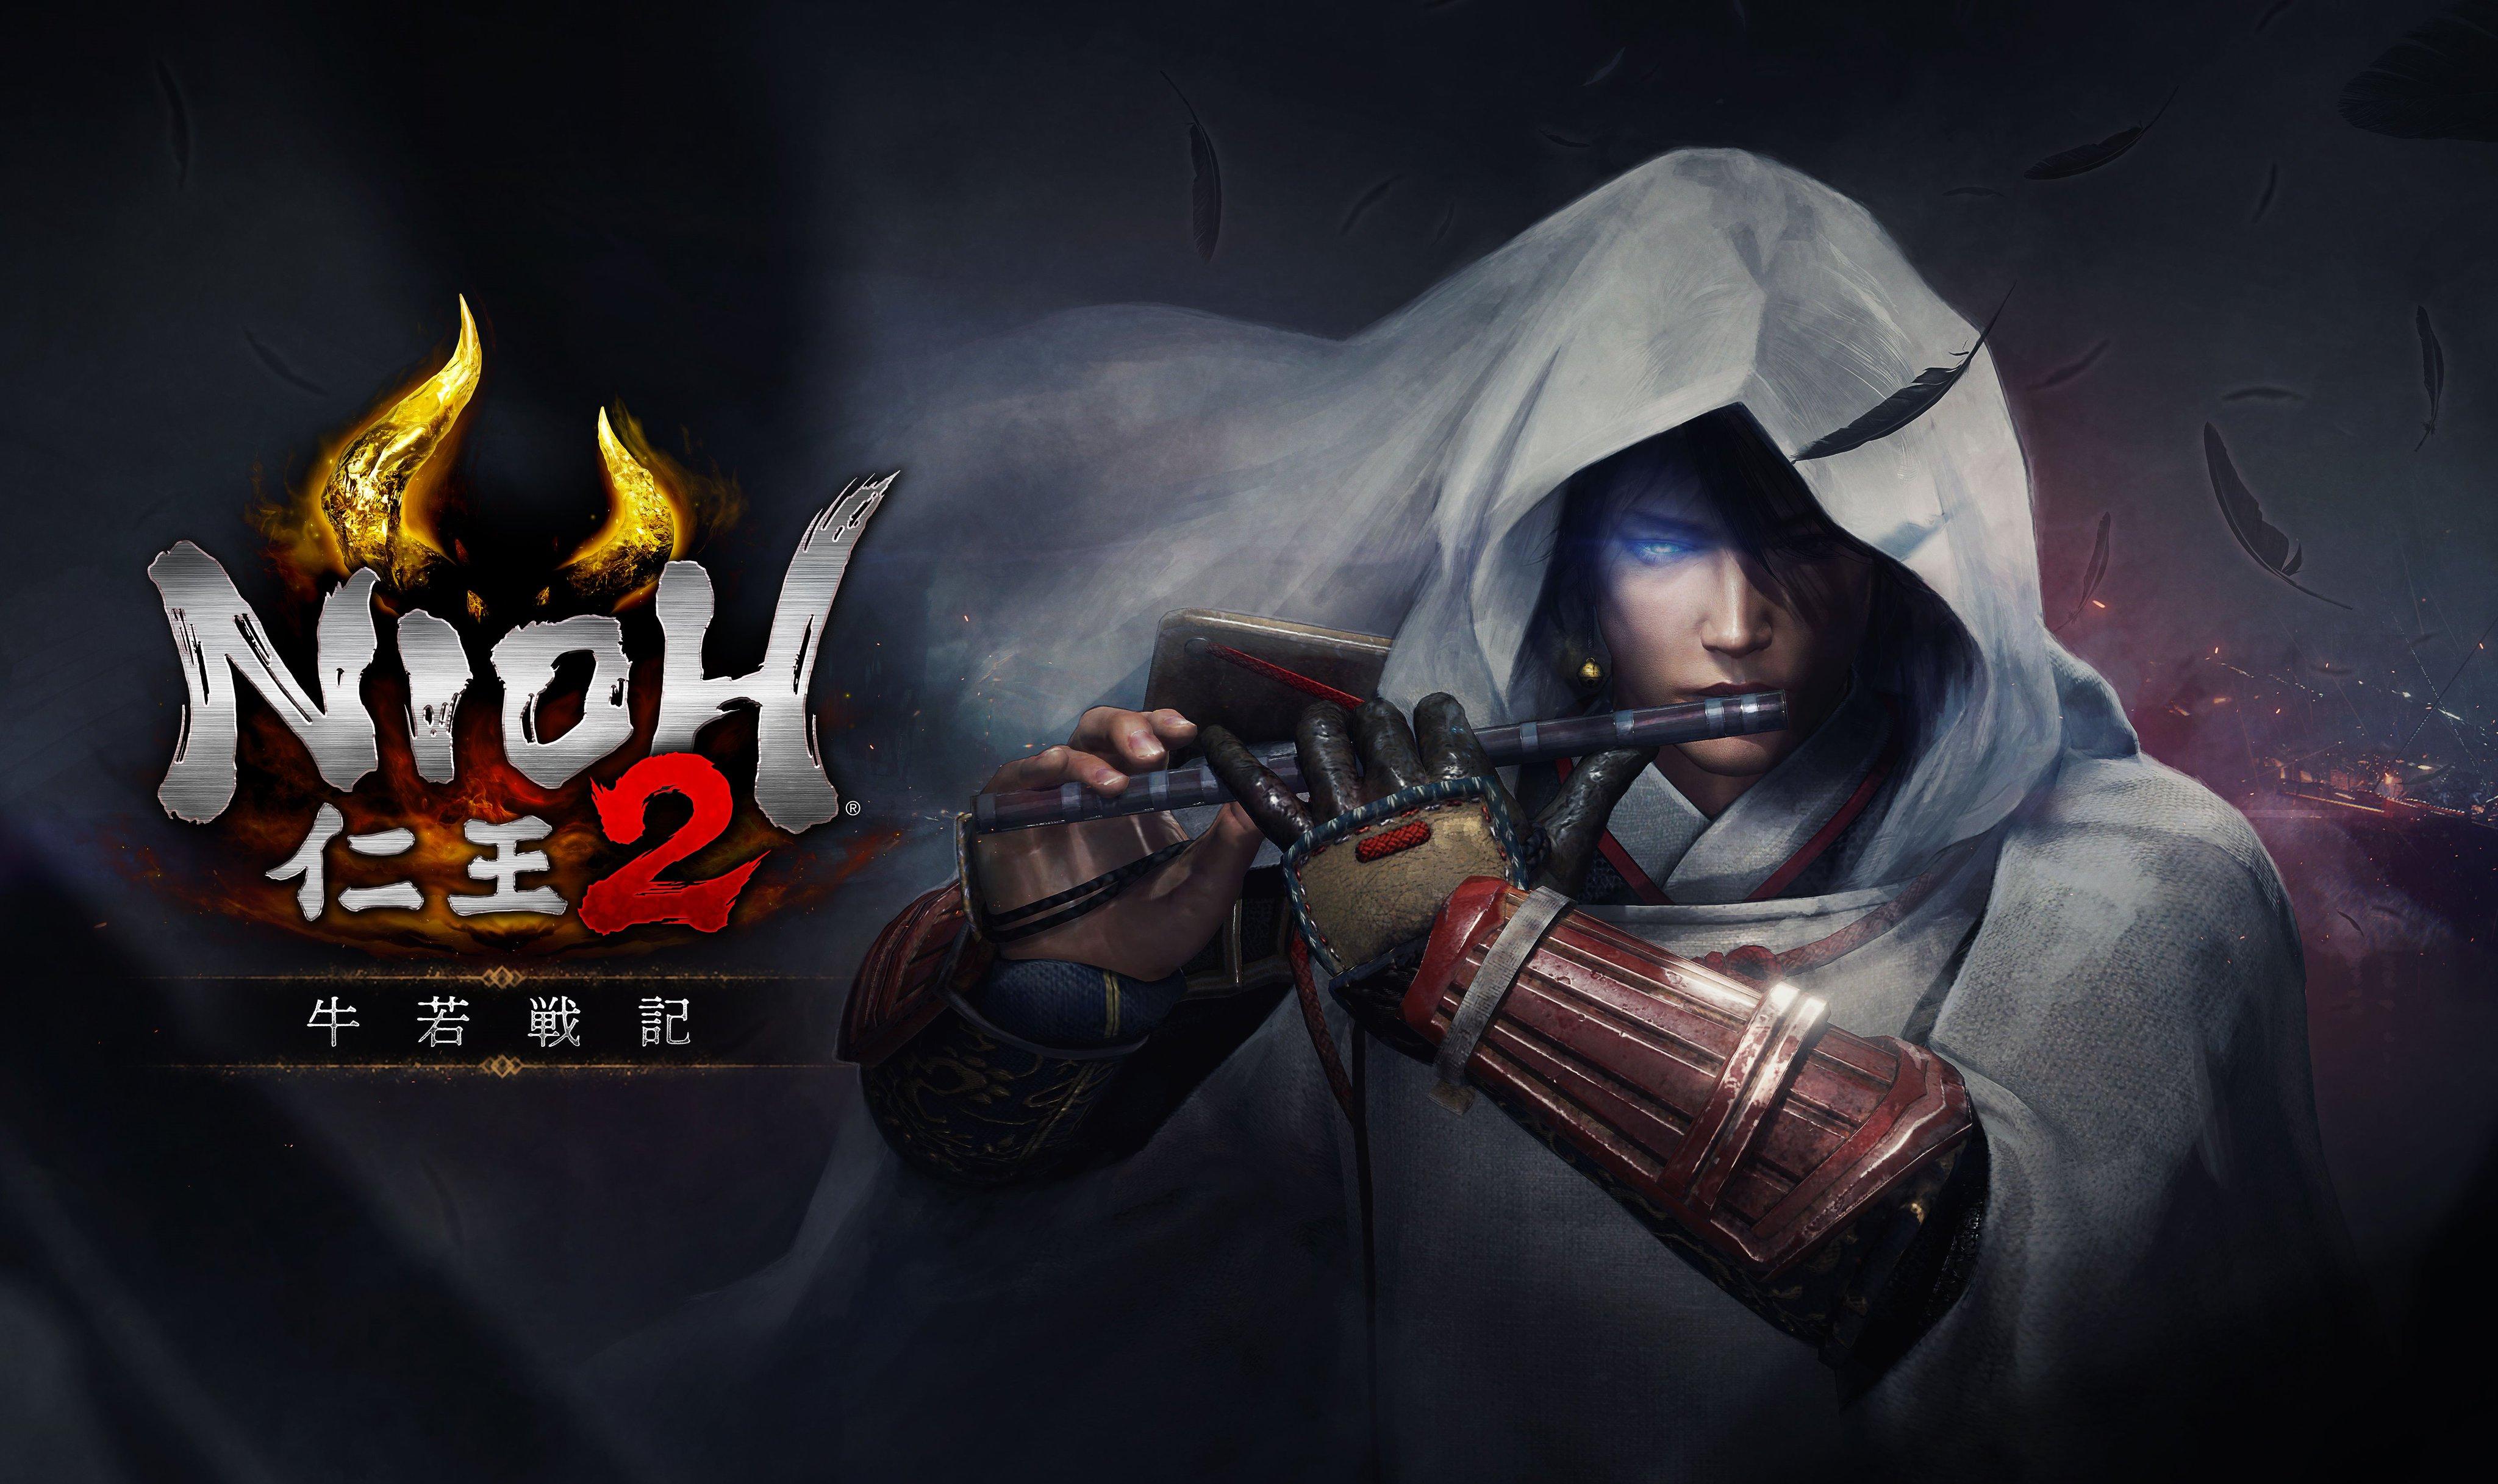 《仁王2》DLC牛若战记IGN 8分:老玩家的回归良机